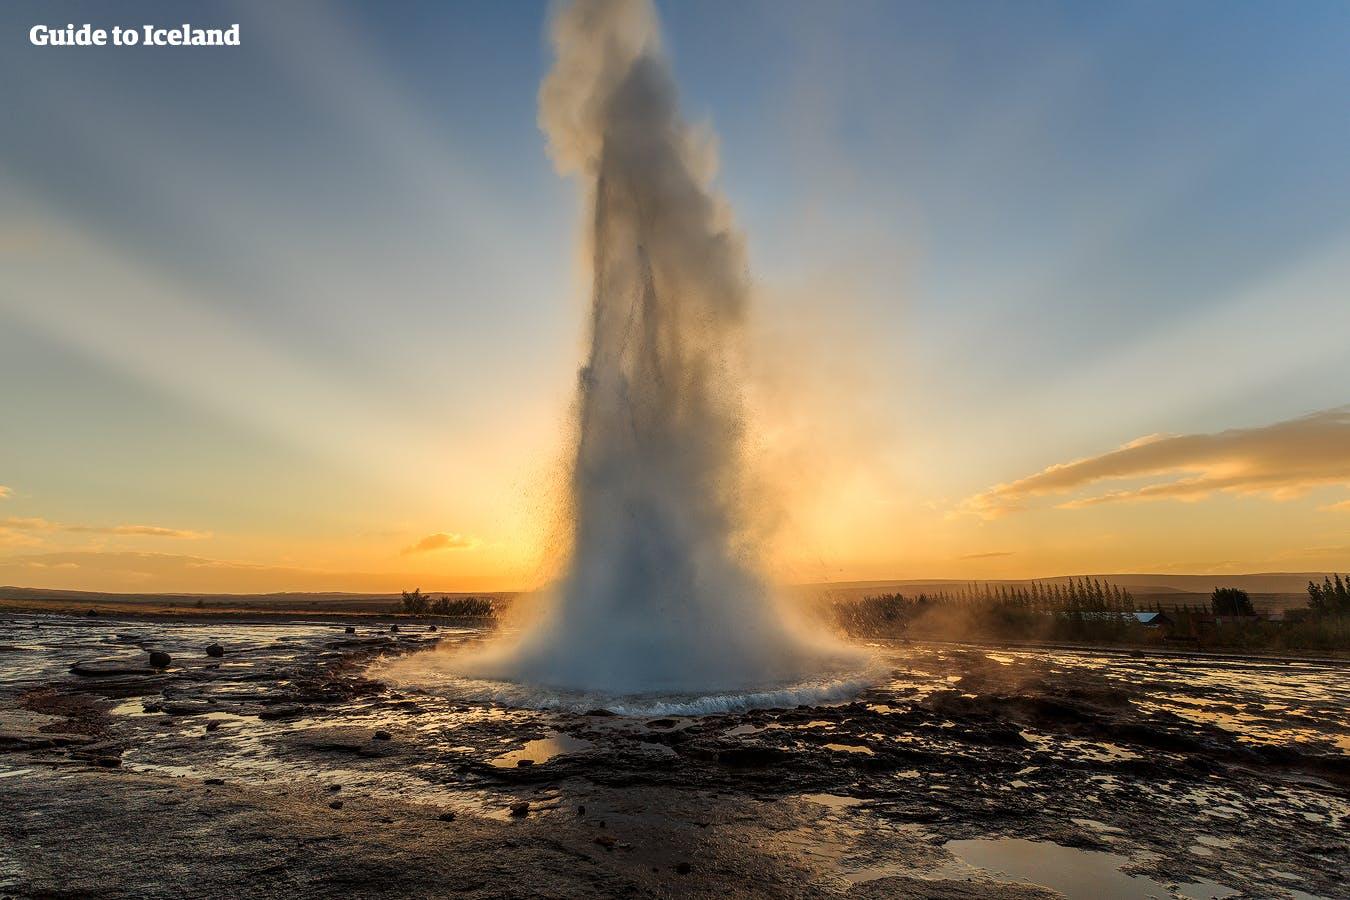 Visitez le Cercle d'Or et observez le puissant geyser Stokkur entrer en éruption.